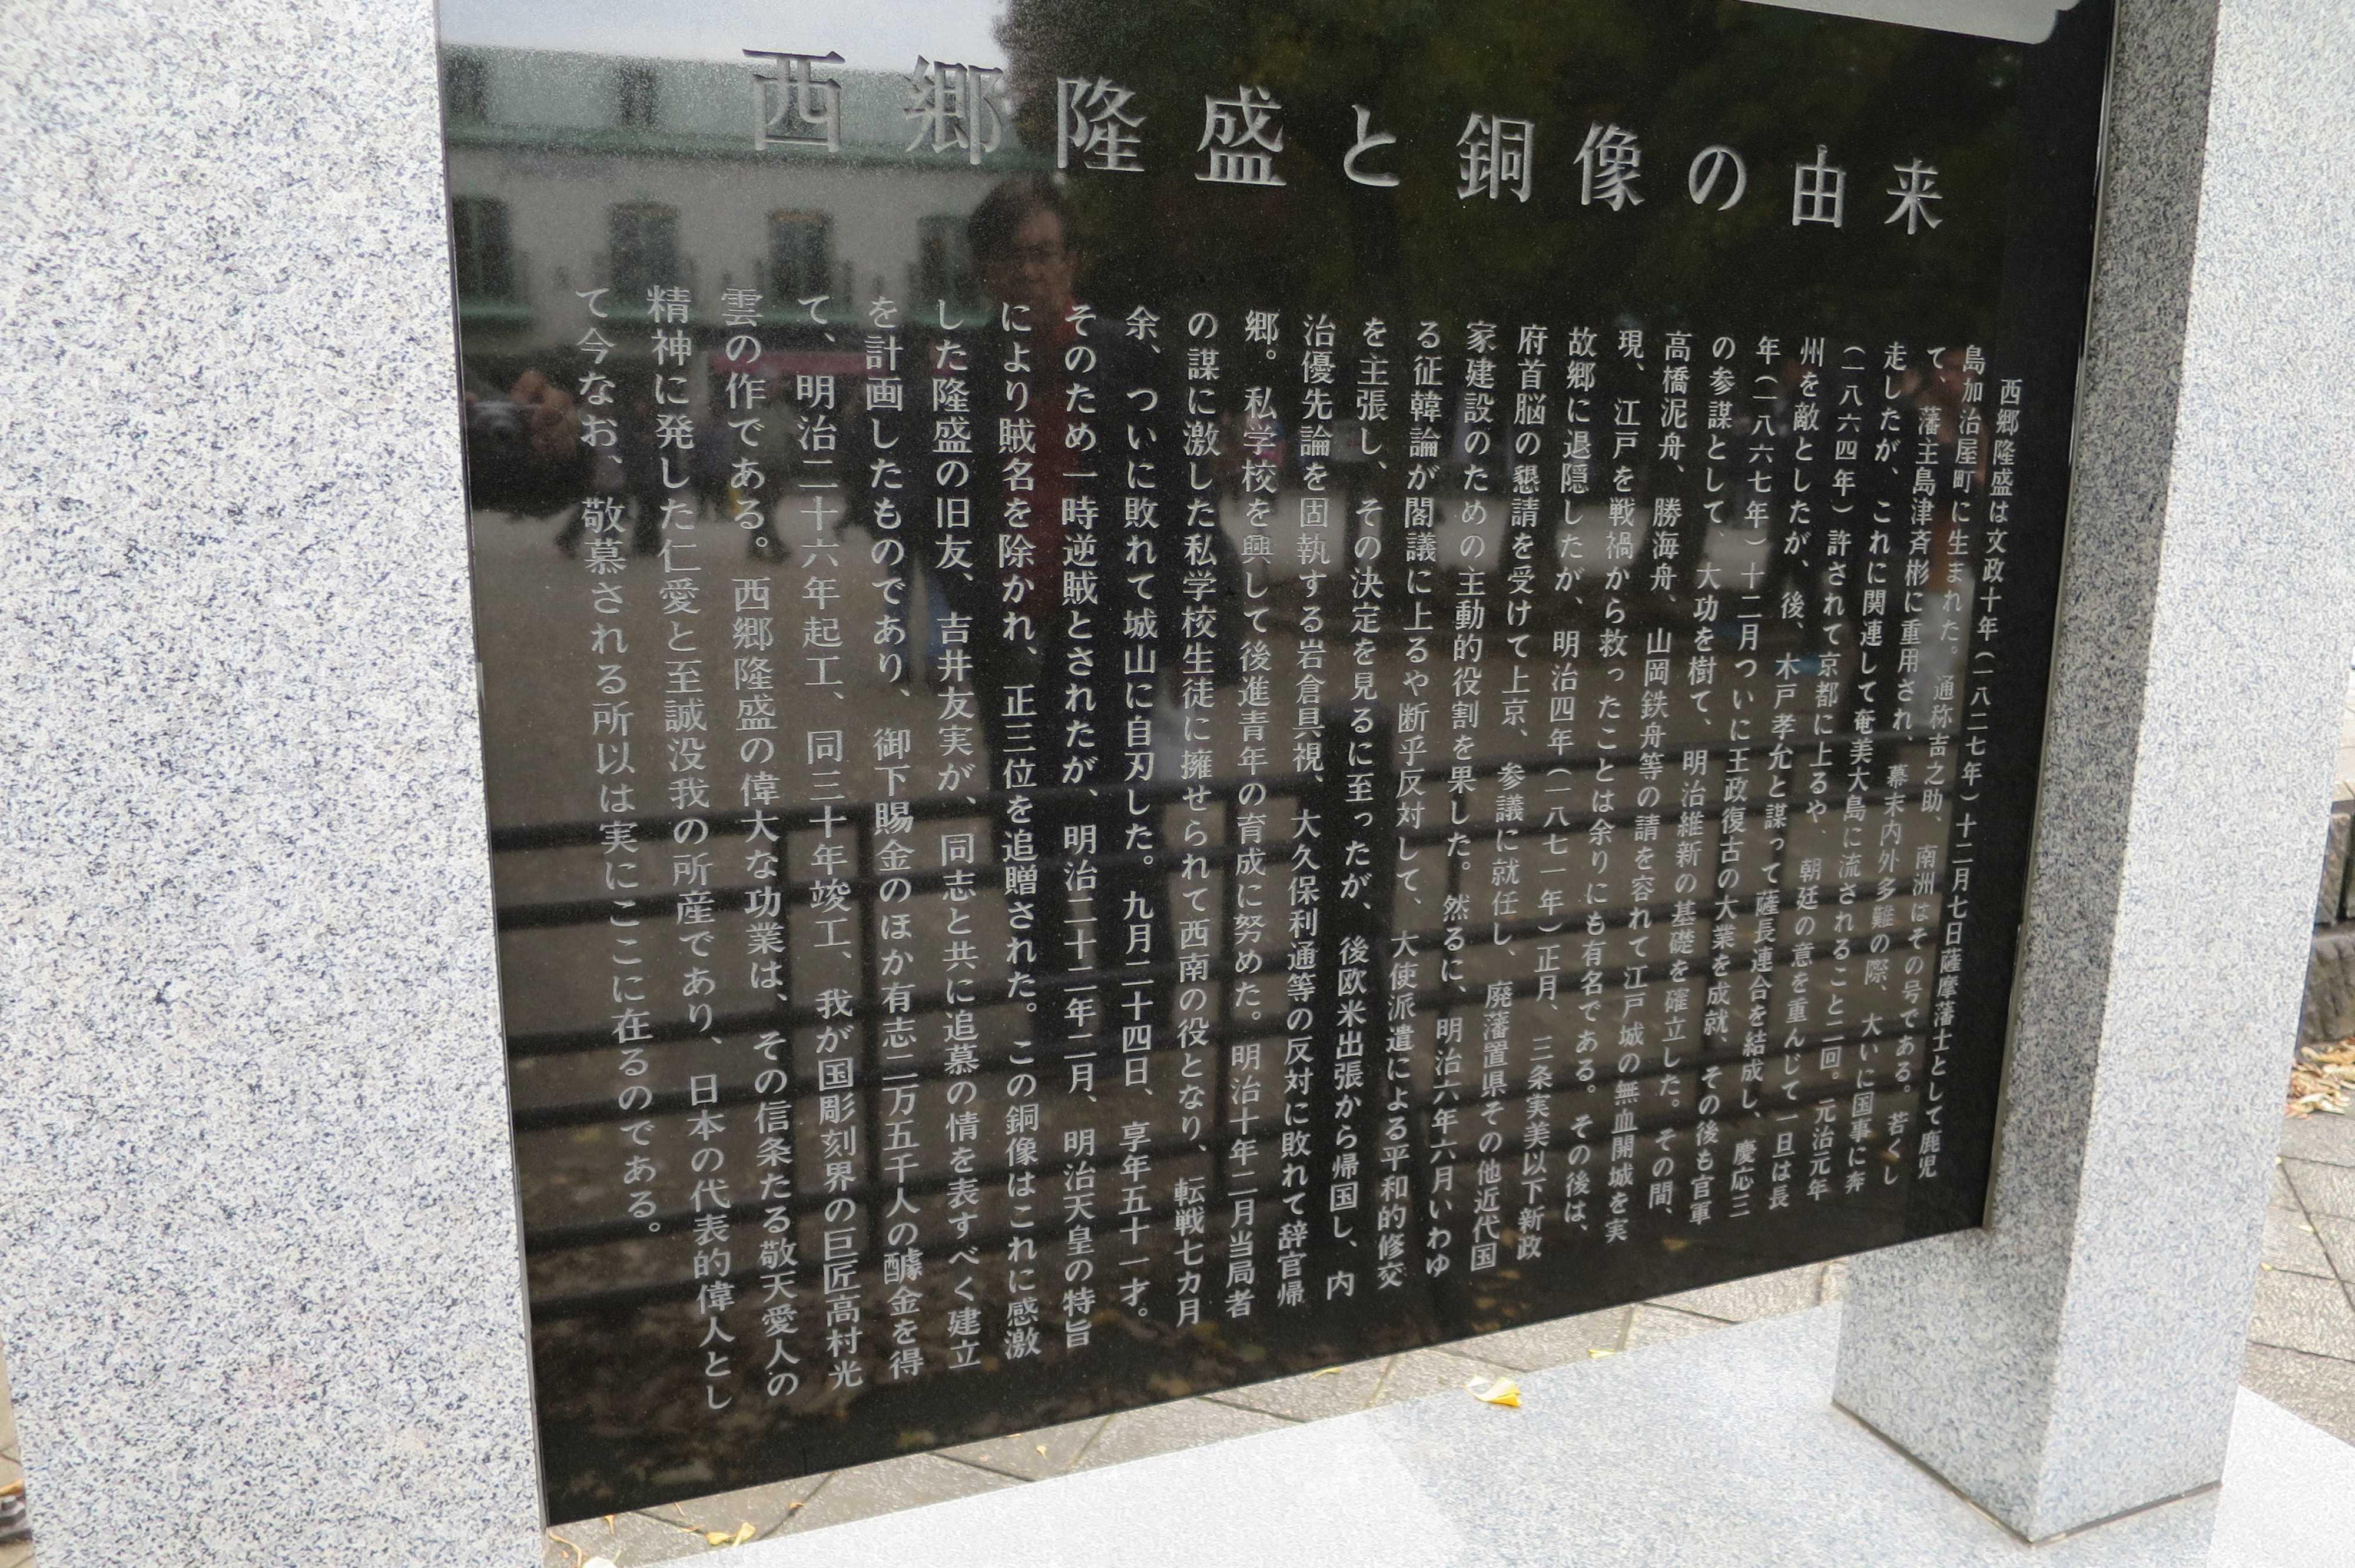 西郷隆盛銅像の由来 - 上野公園